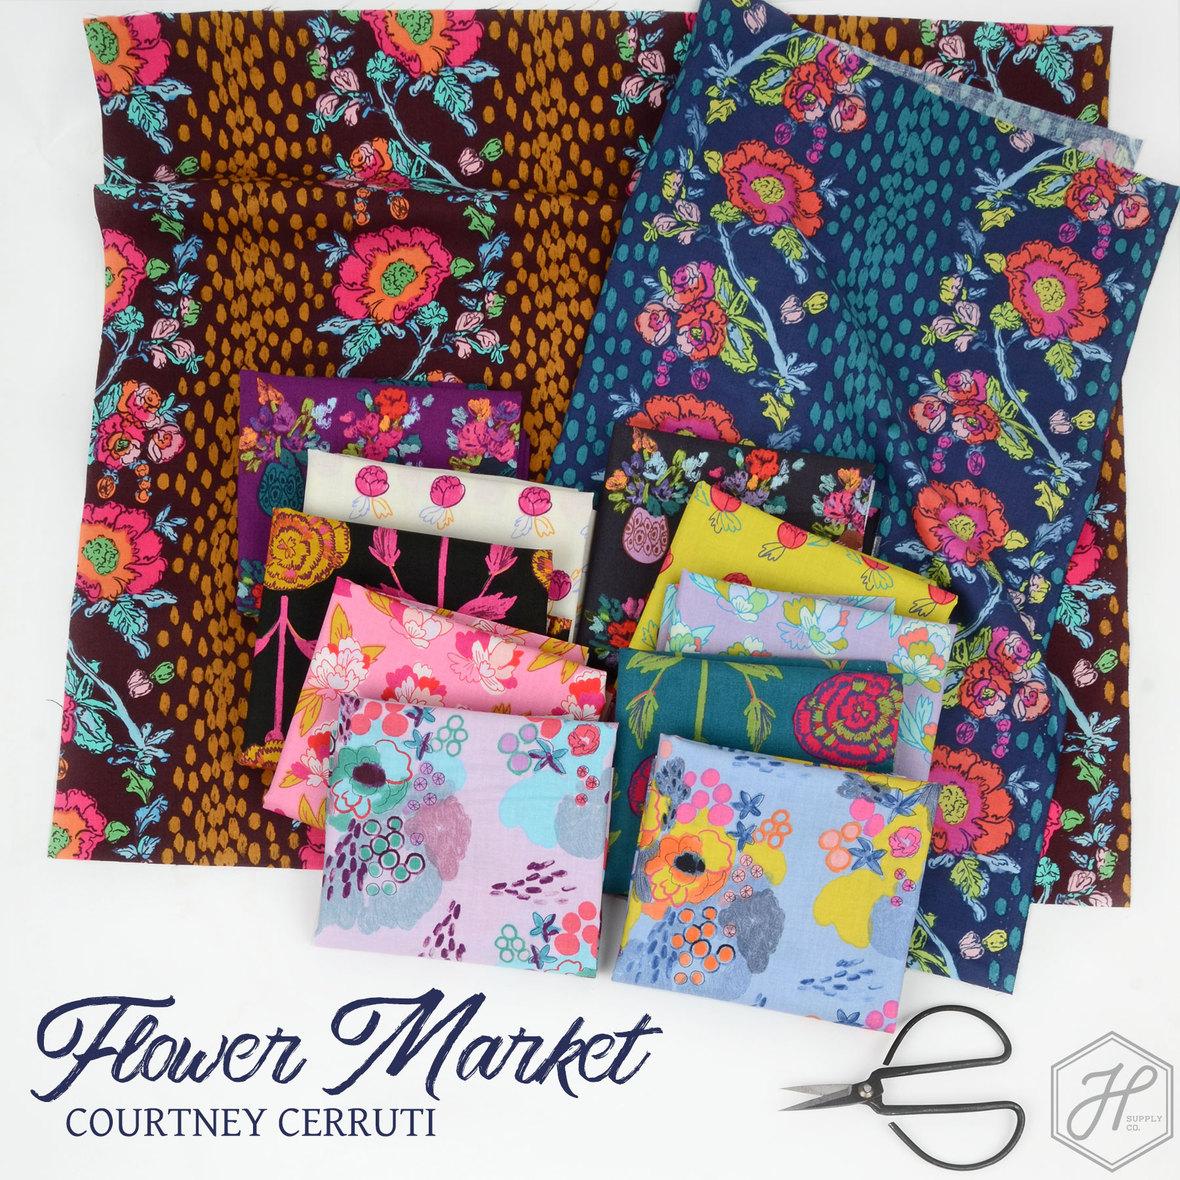 Flower Market Free Spirit Courtney Cerruti at Hawthorne Supply Co